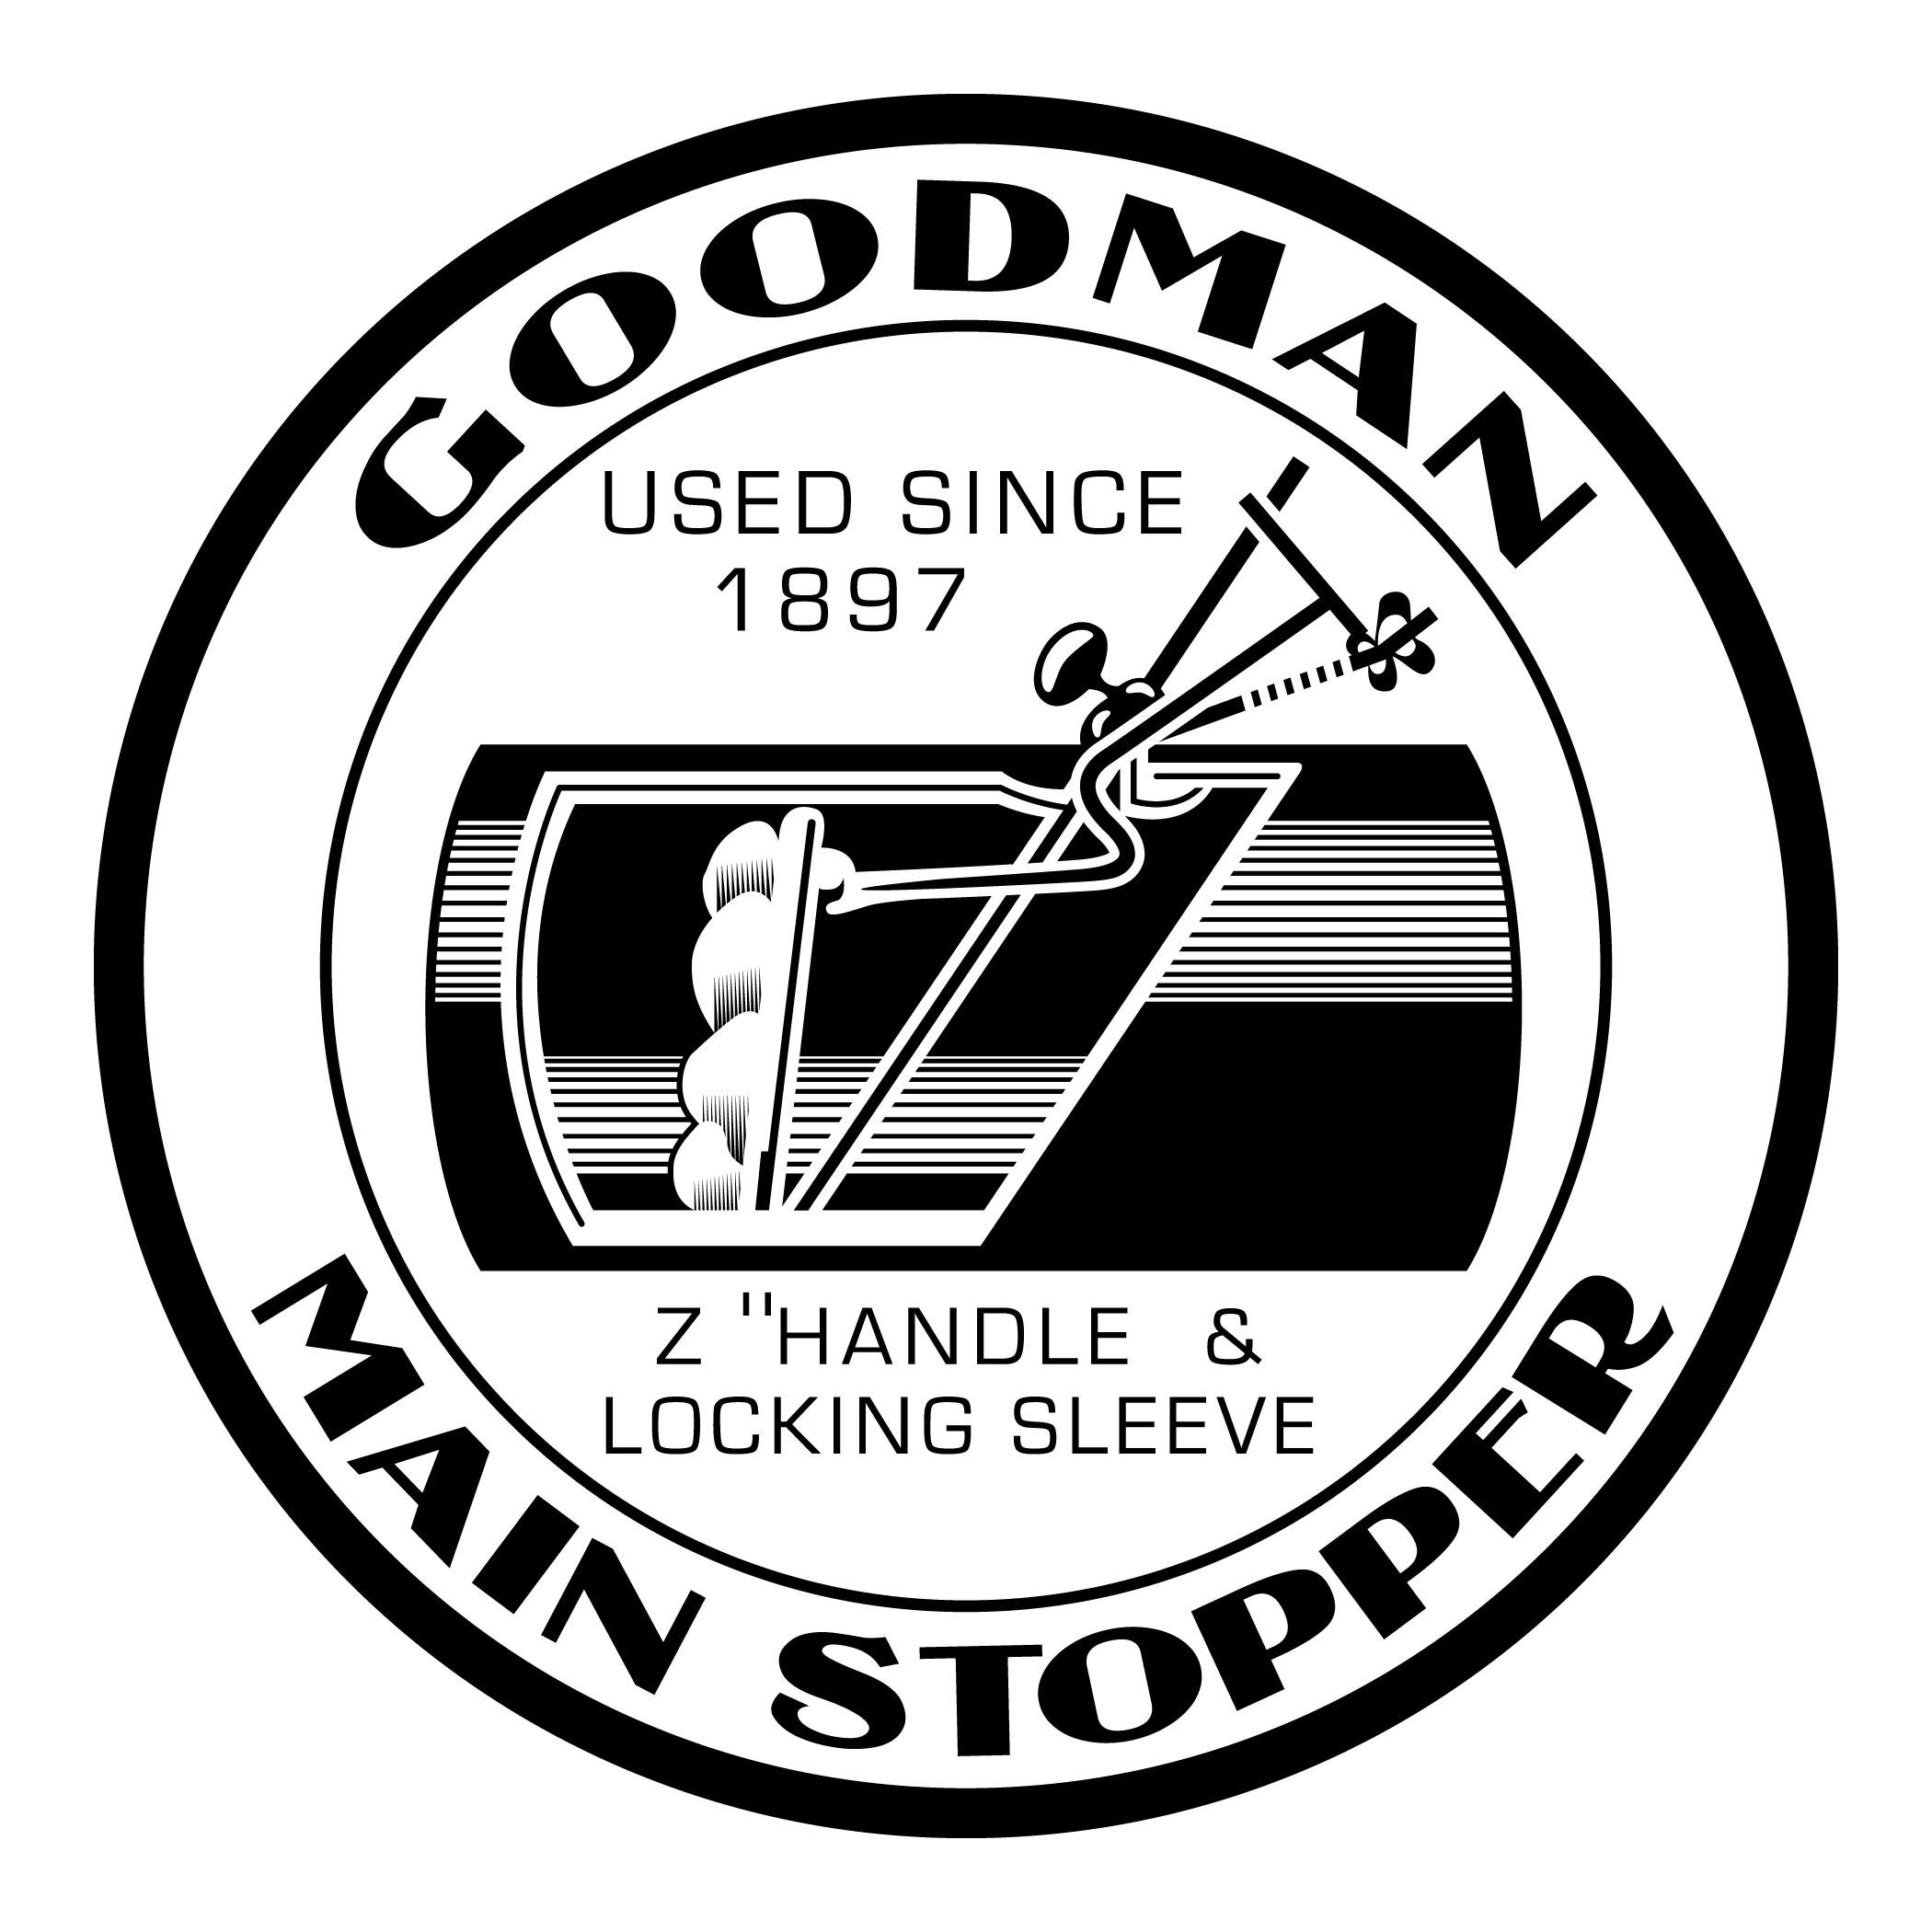 Goodman Main Stopper logo doctor.jpg